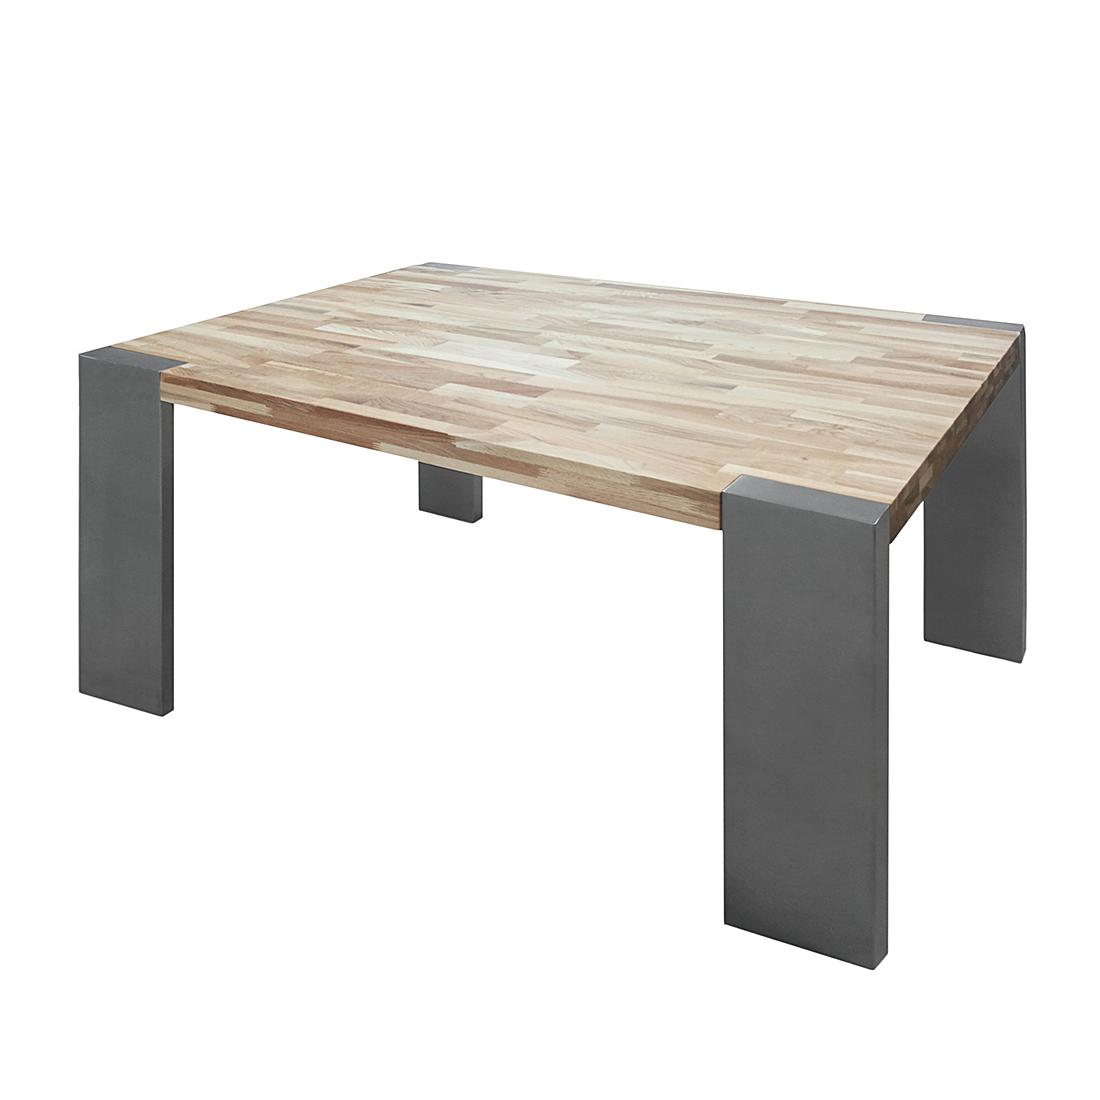 Esstisch Silber Eiche ~ Esstisch Eiche Holz Edelstahl versch Größen Küchentisch Esszimmer Tisch NEU